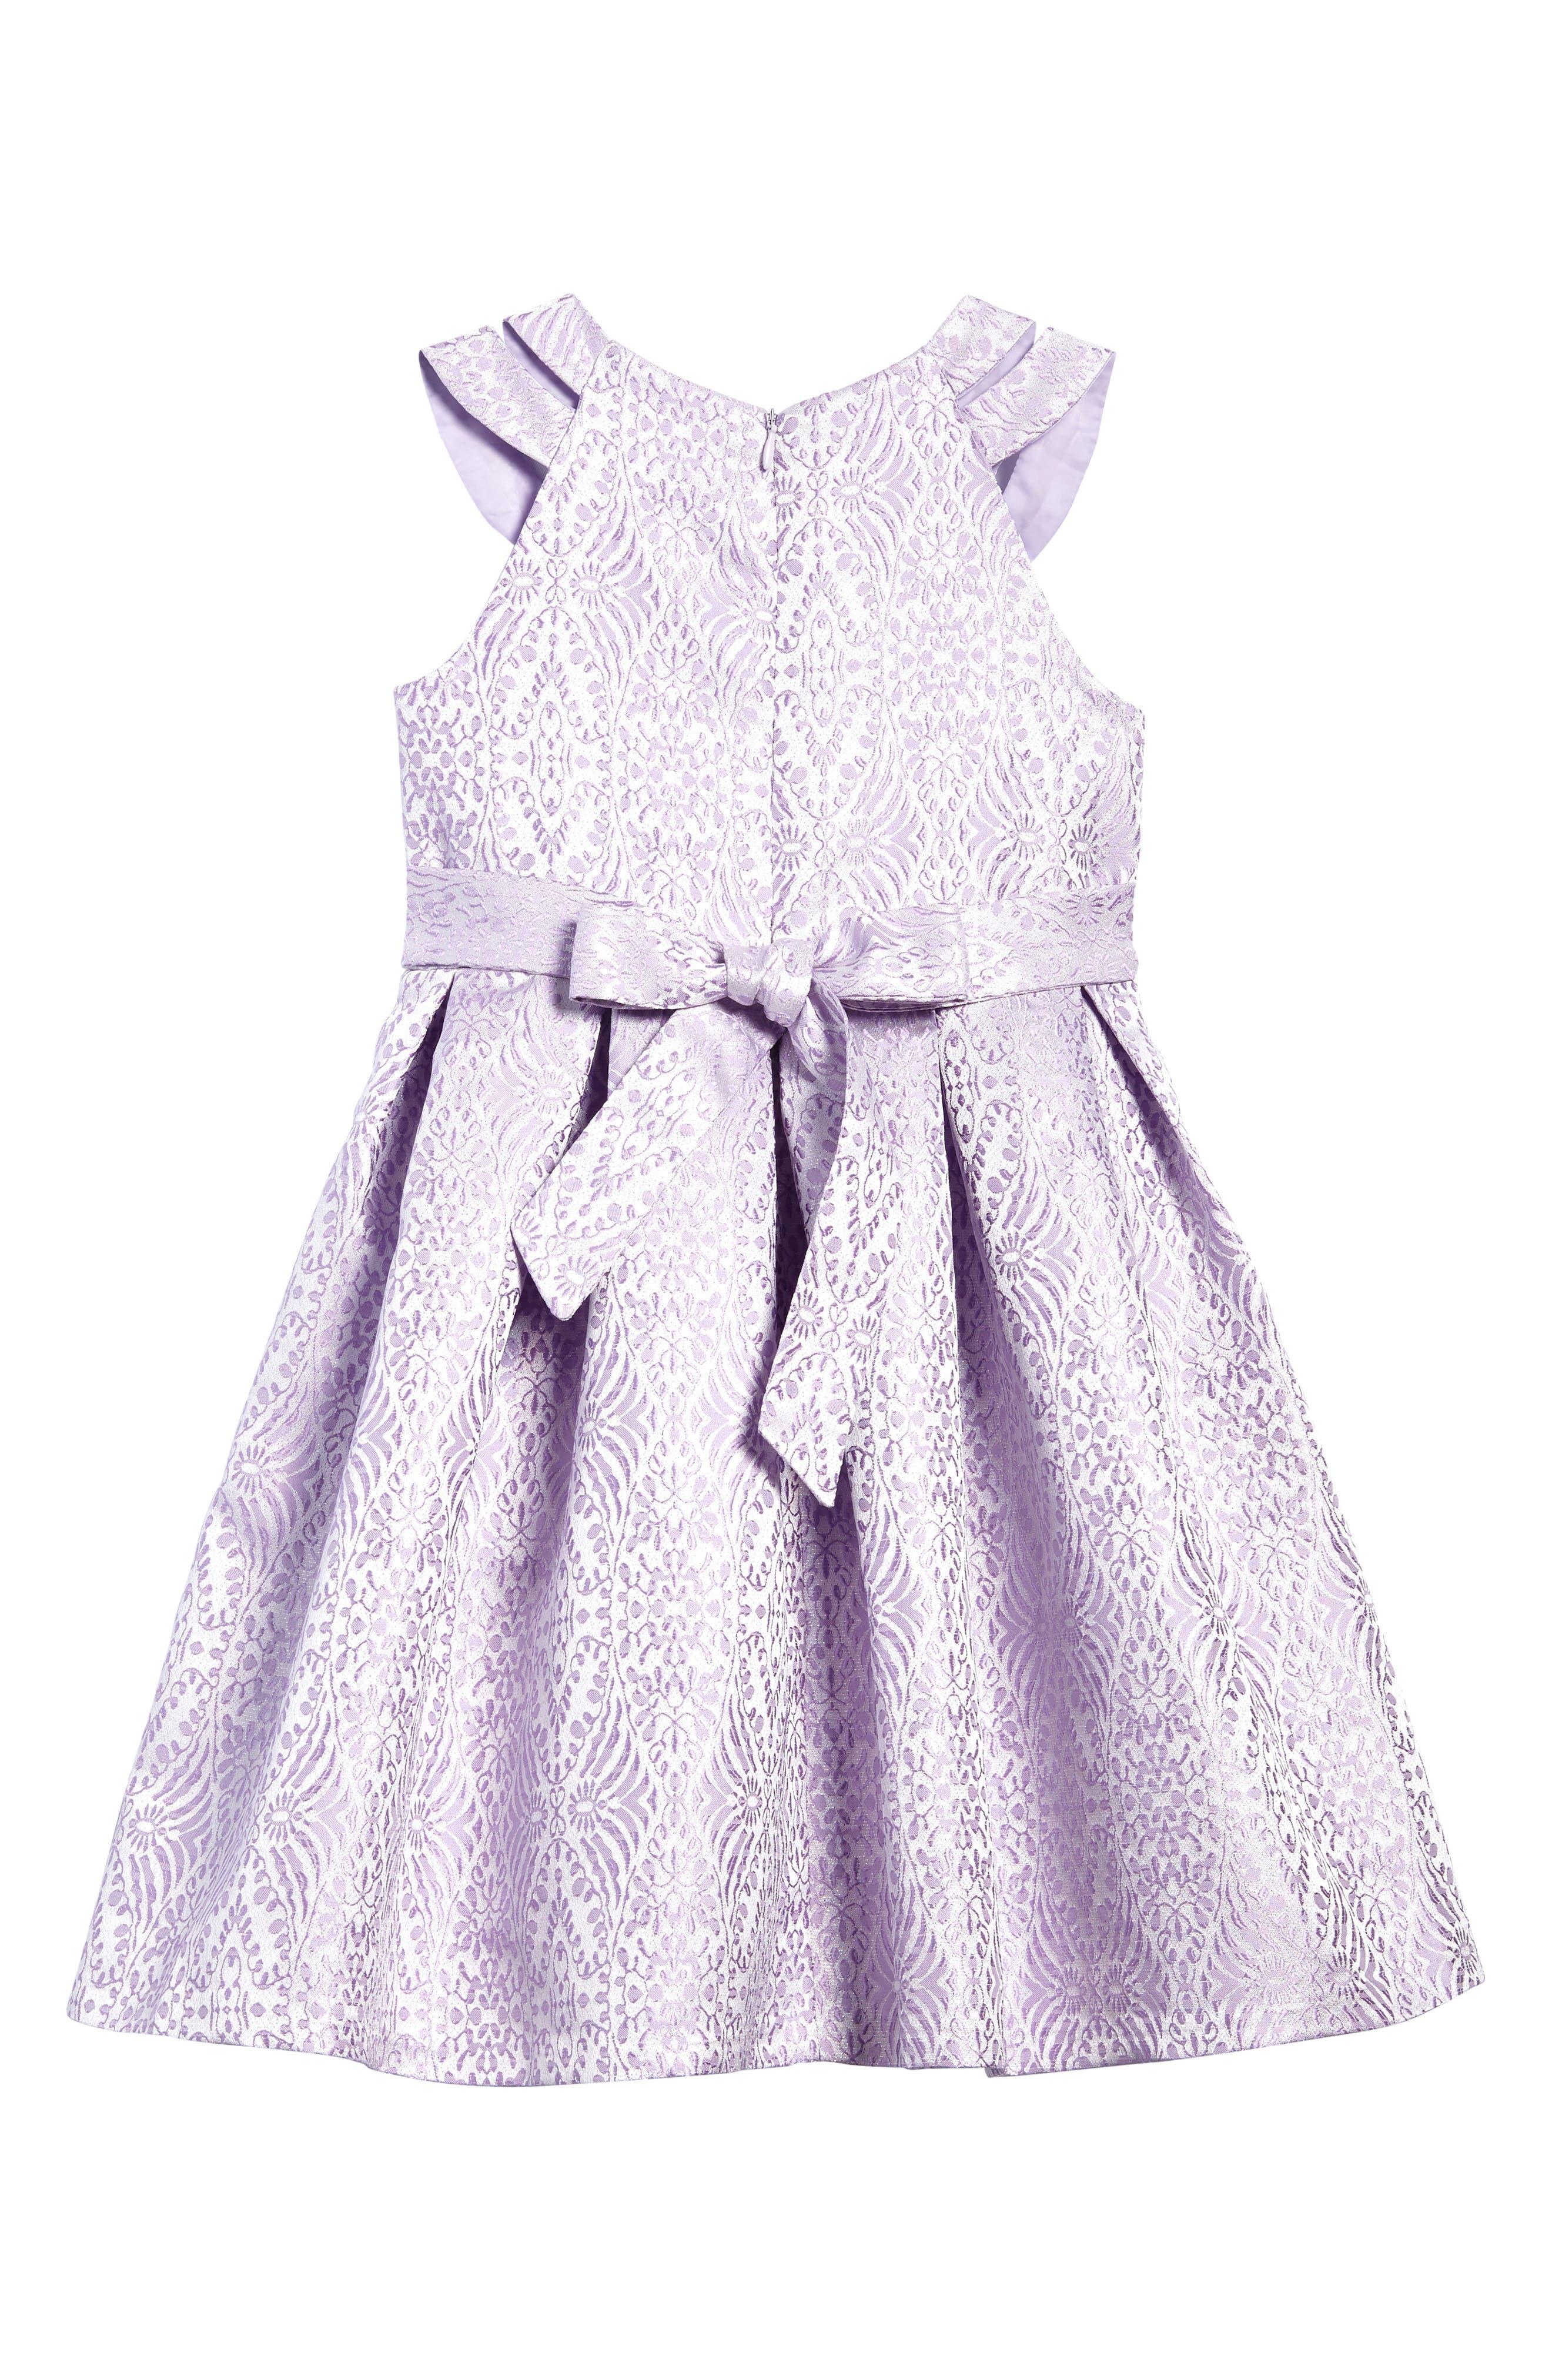 Jacquard Fit & Flare Dress,                             Alternate thumbnail 2, color,                             530